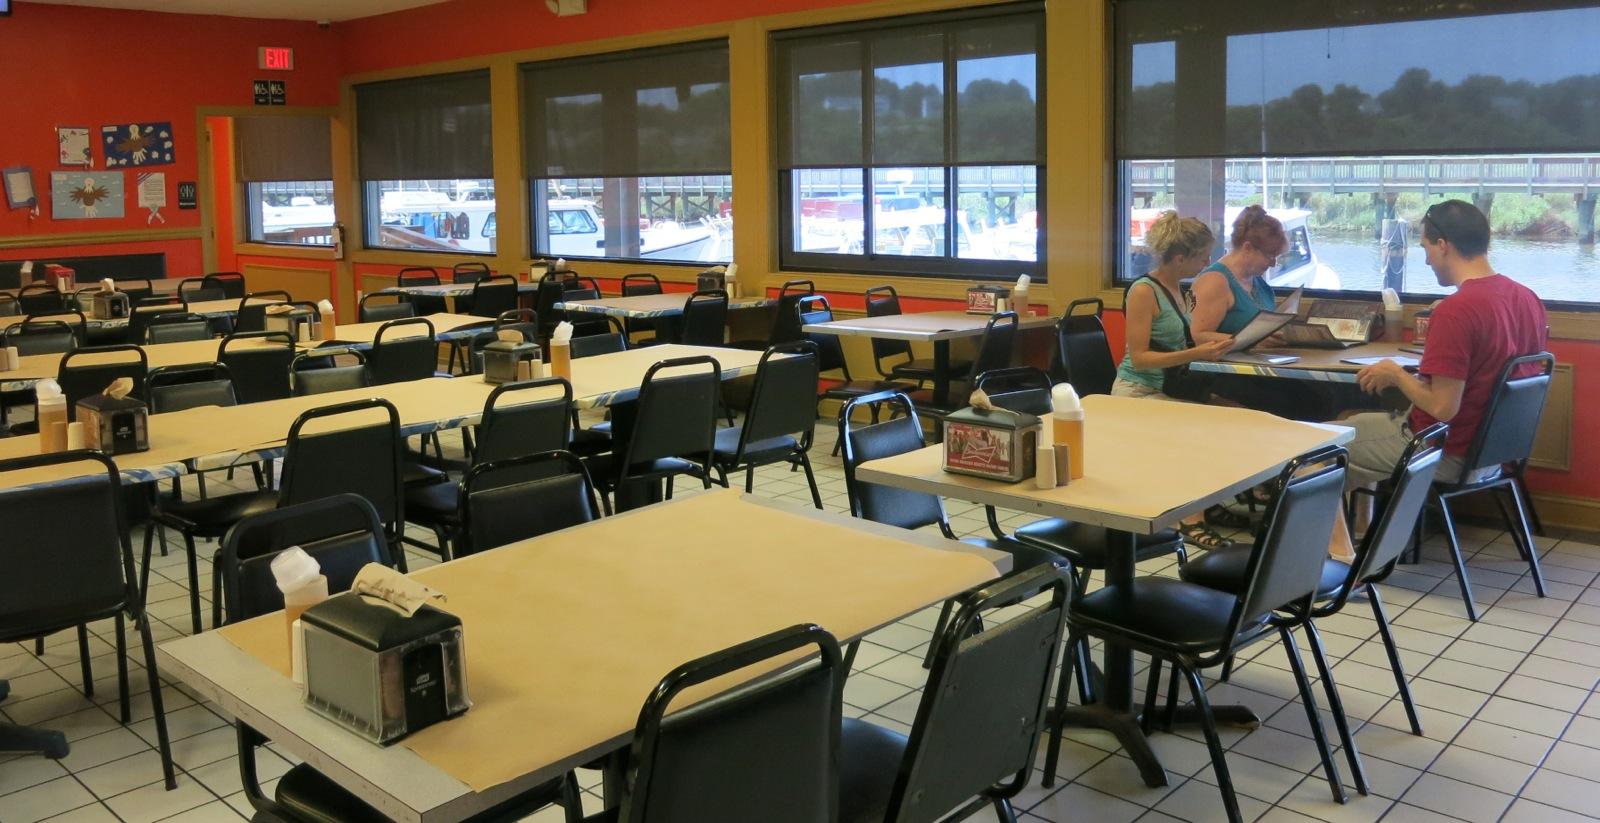 Abner S Restaurant In Chesapeake Beach Md